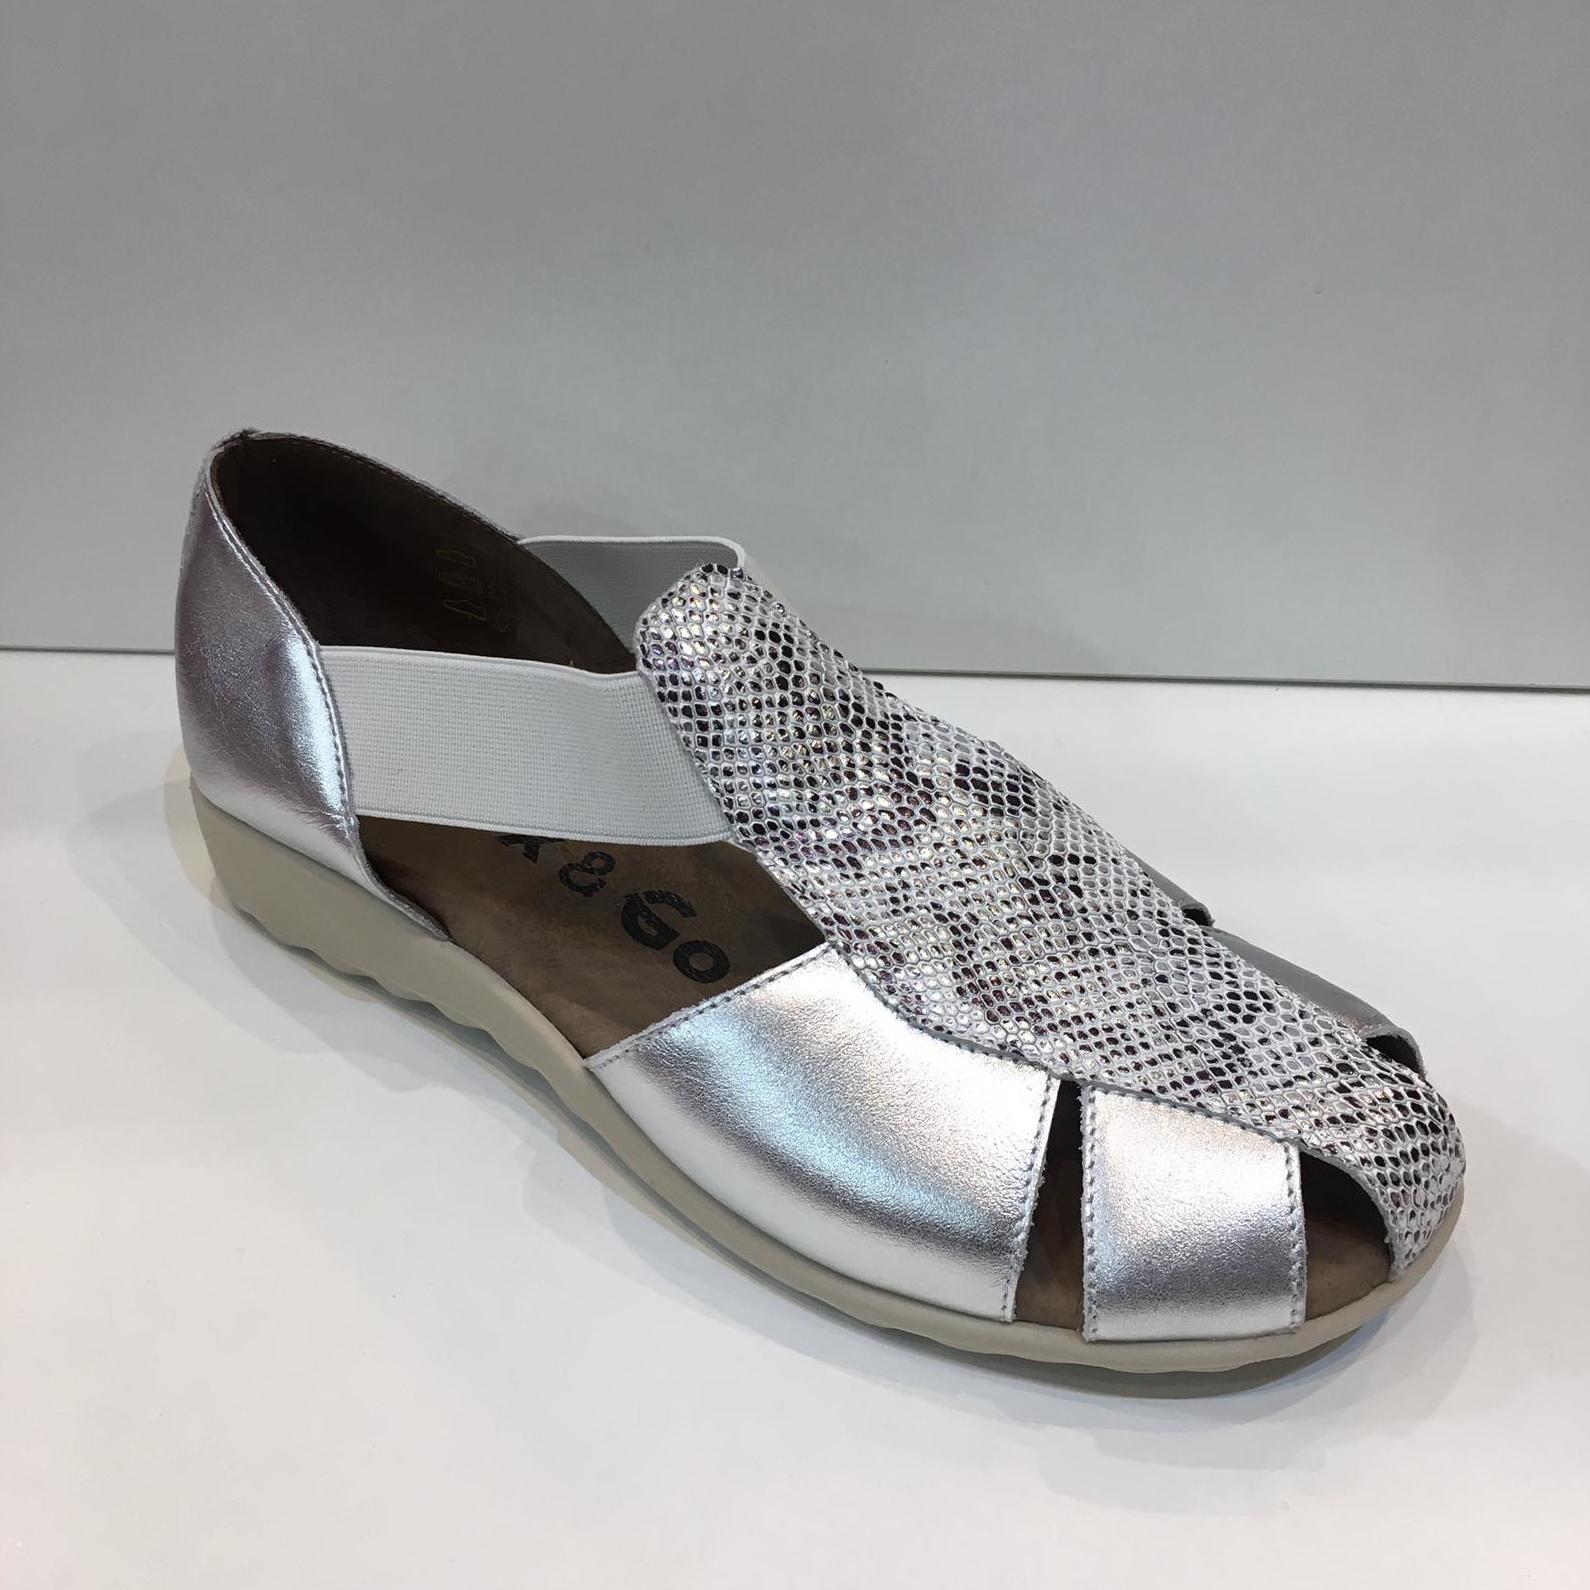 Sandàlia tapada de dona, de la marca Flex&Go, ample especial amb elàstics laterals que adapten a totes les alçades de pont, amb plantilla encoixinada amb làtex i sola de goma antilliscant 56.50€